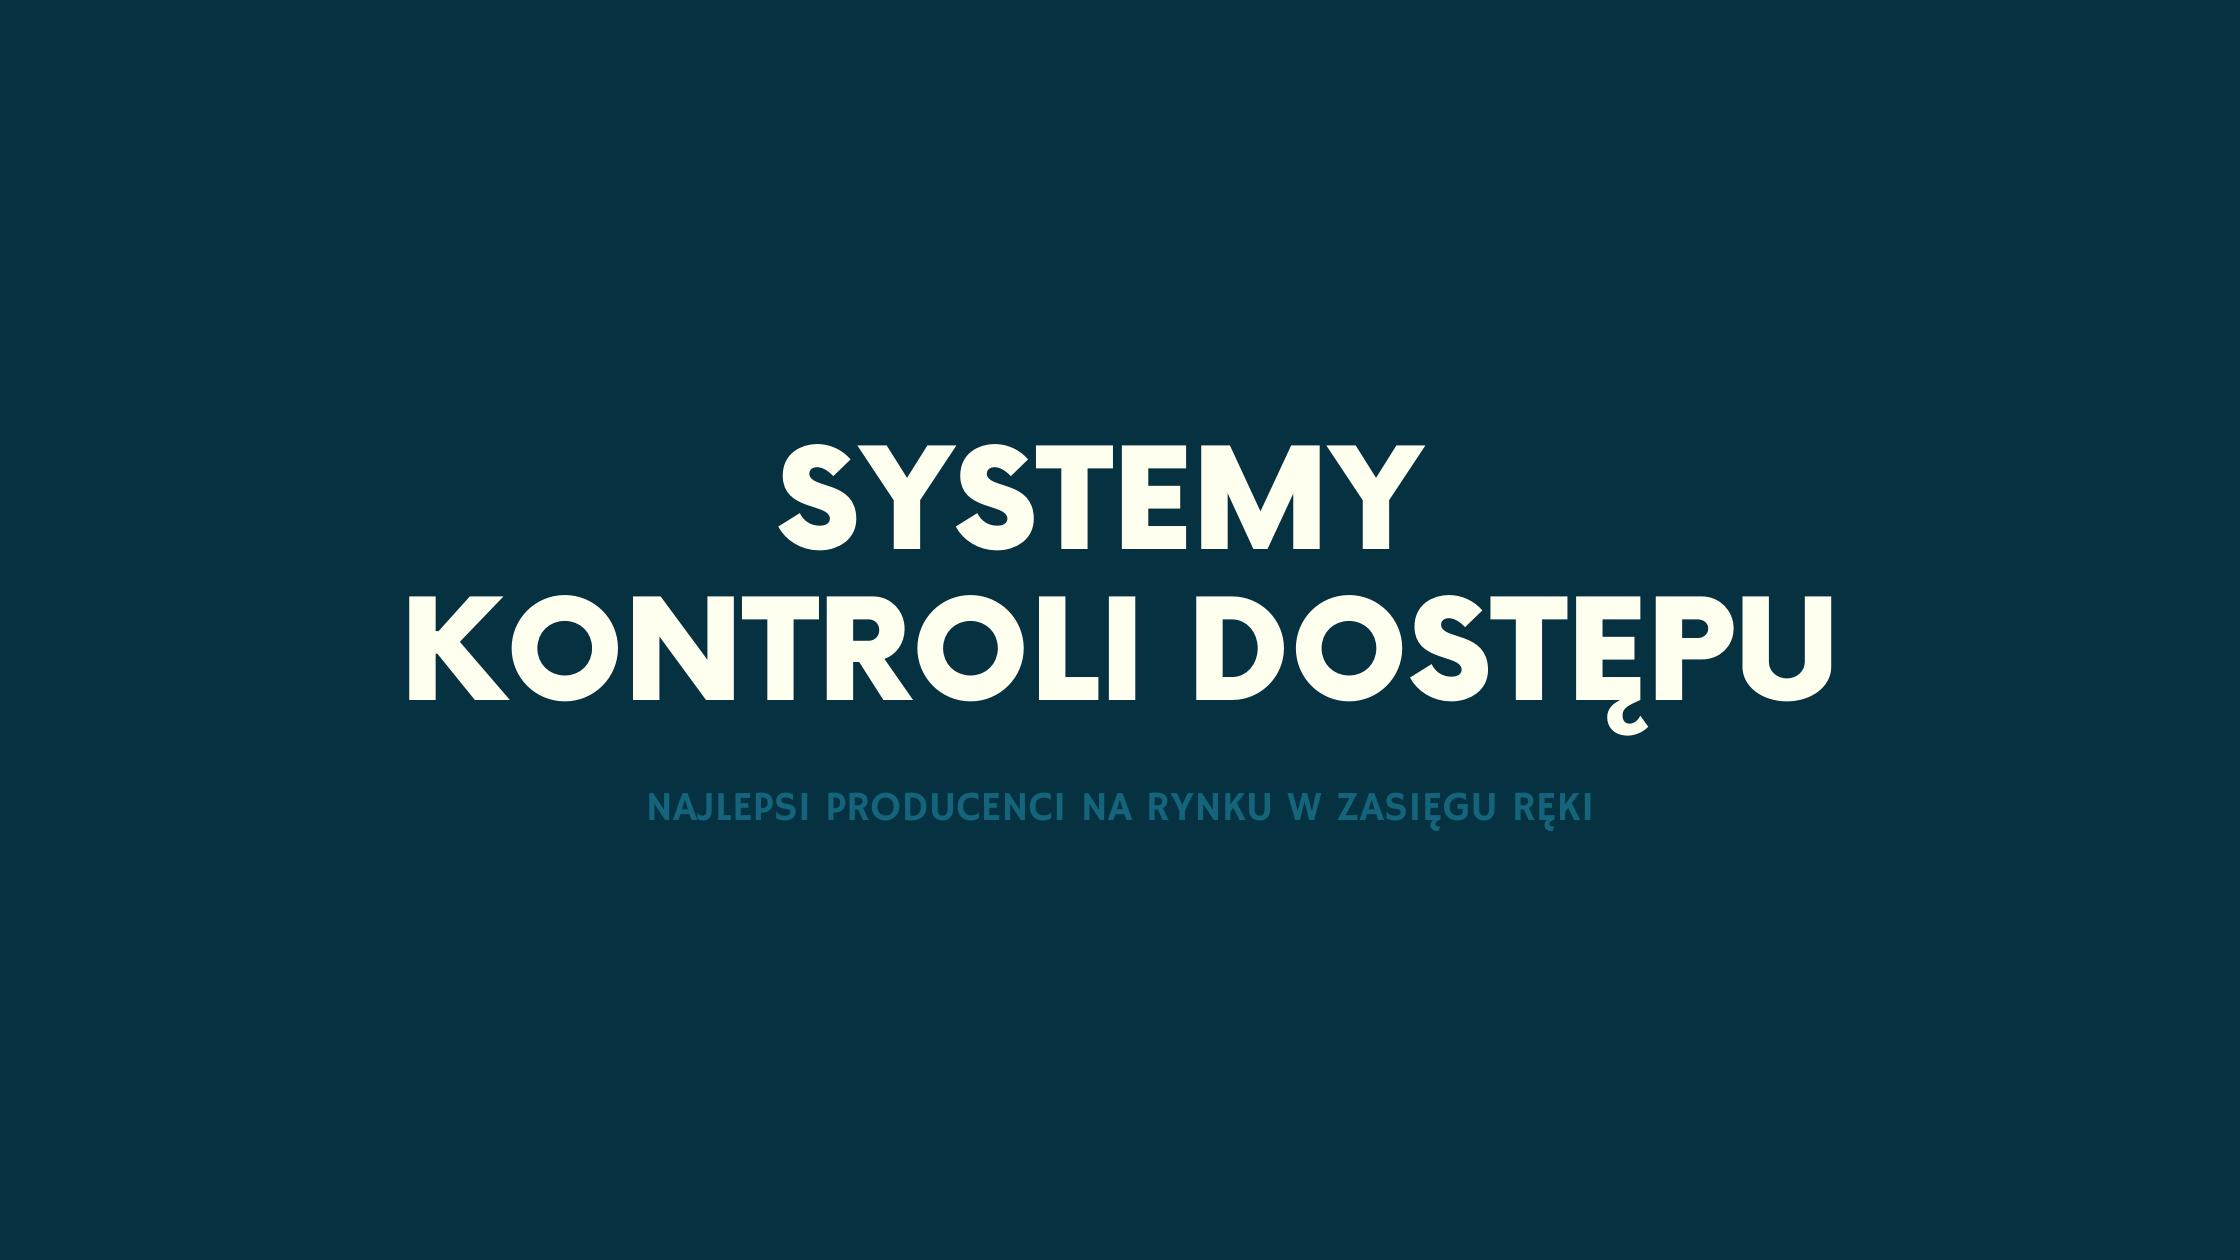 Format-systemy kontroli dostepu_kd_header